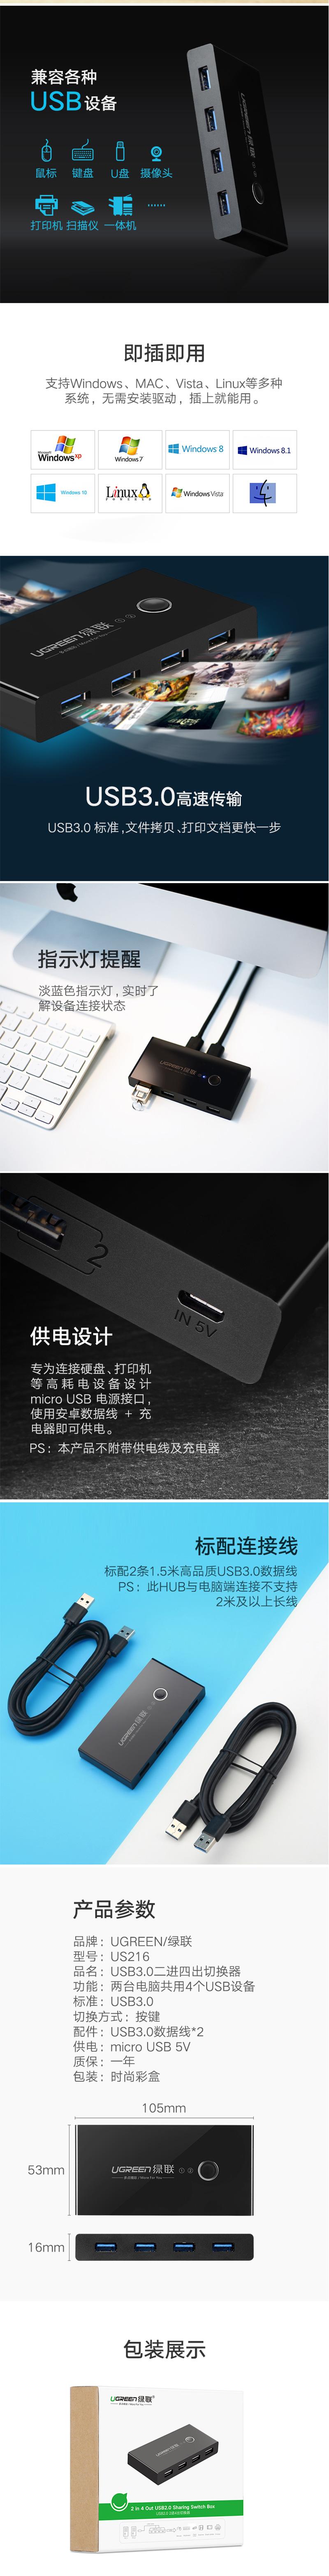 绿联30768 USB3.0碳黑 4口集线器